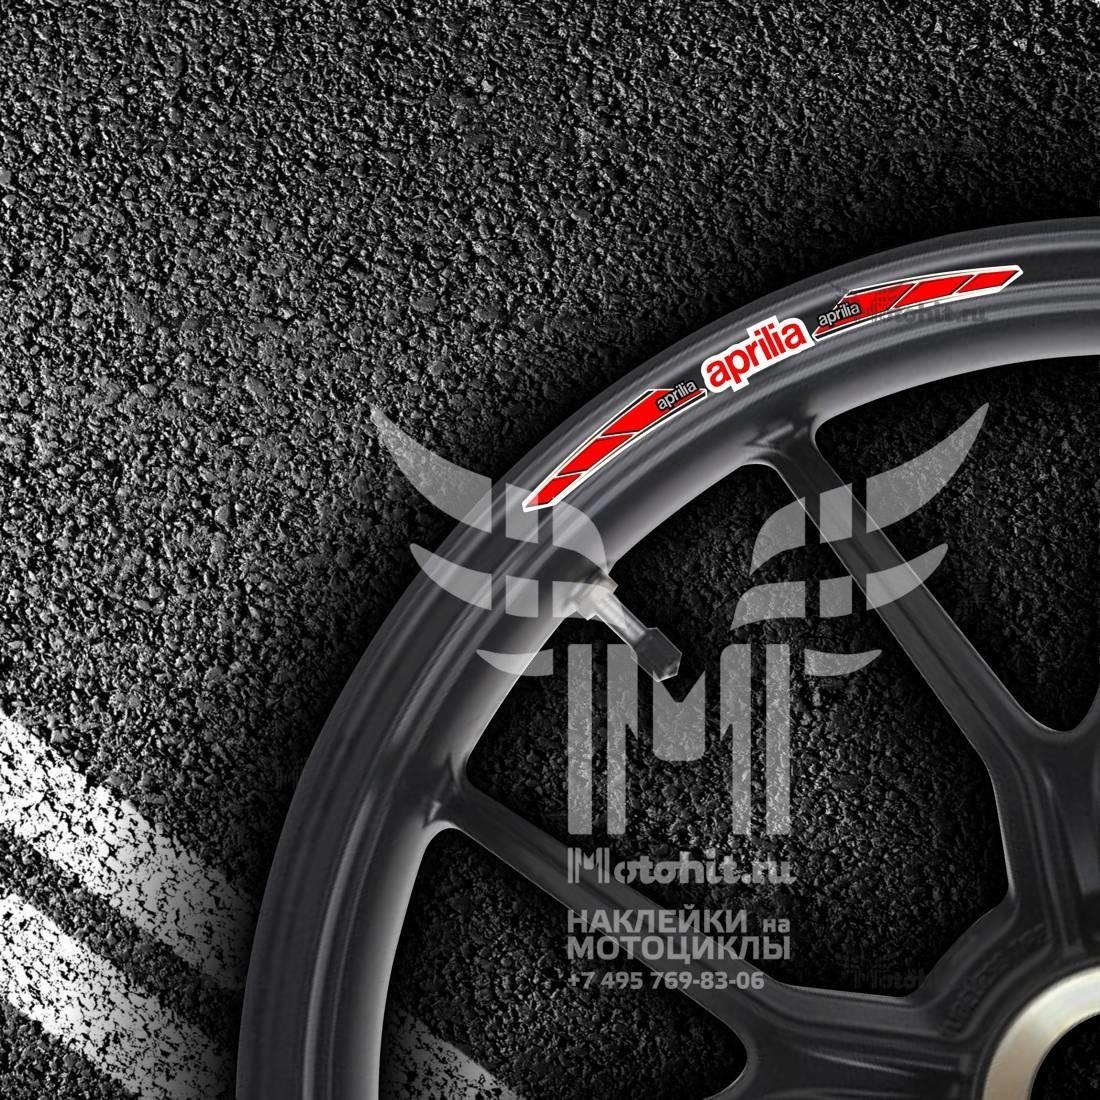 Комплект наклеек на обод колеса мотоцикла APRILIA